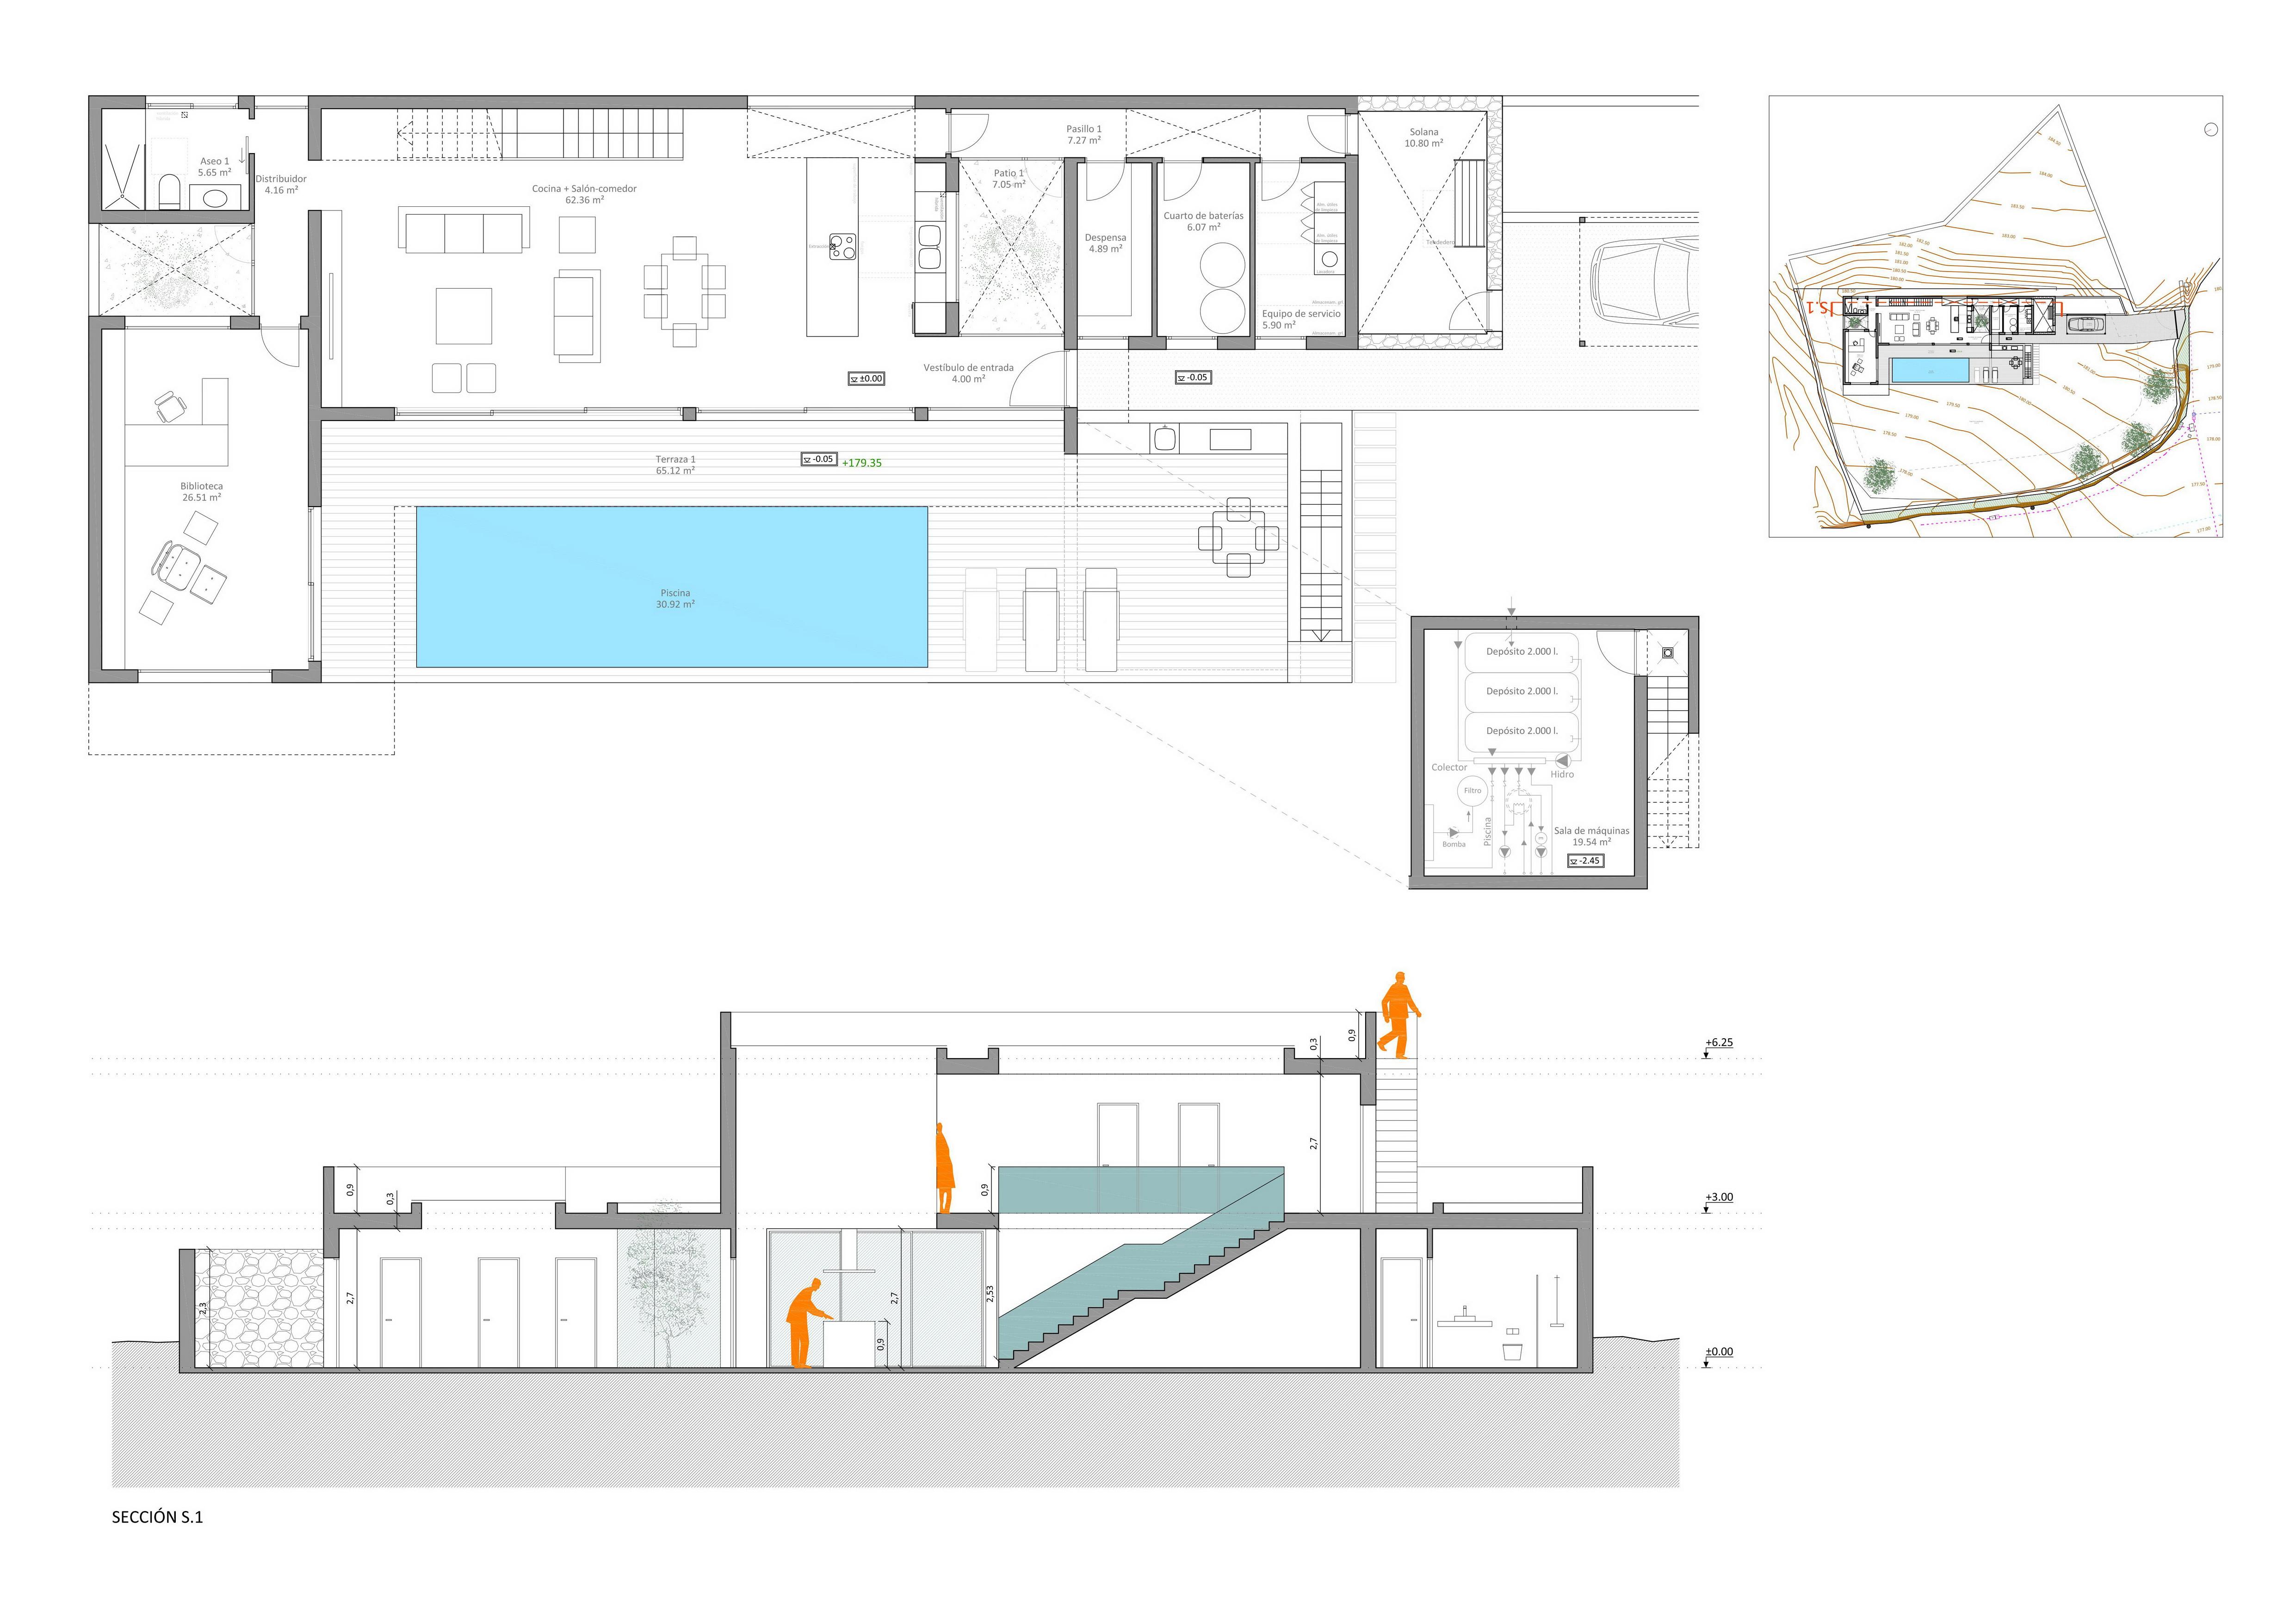 Plans EA 1910 2 Distribución p baja Sección S1